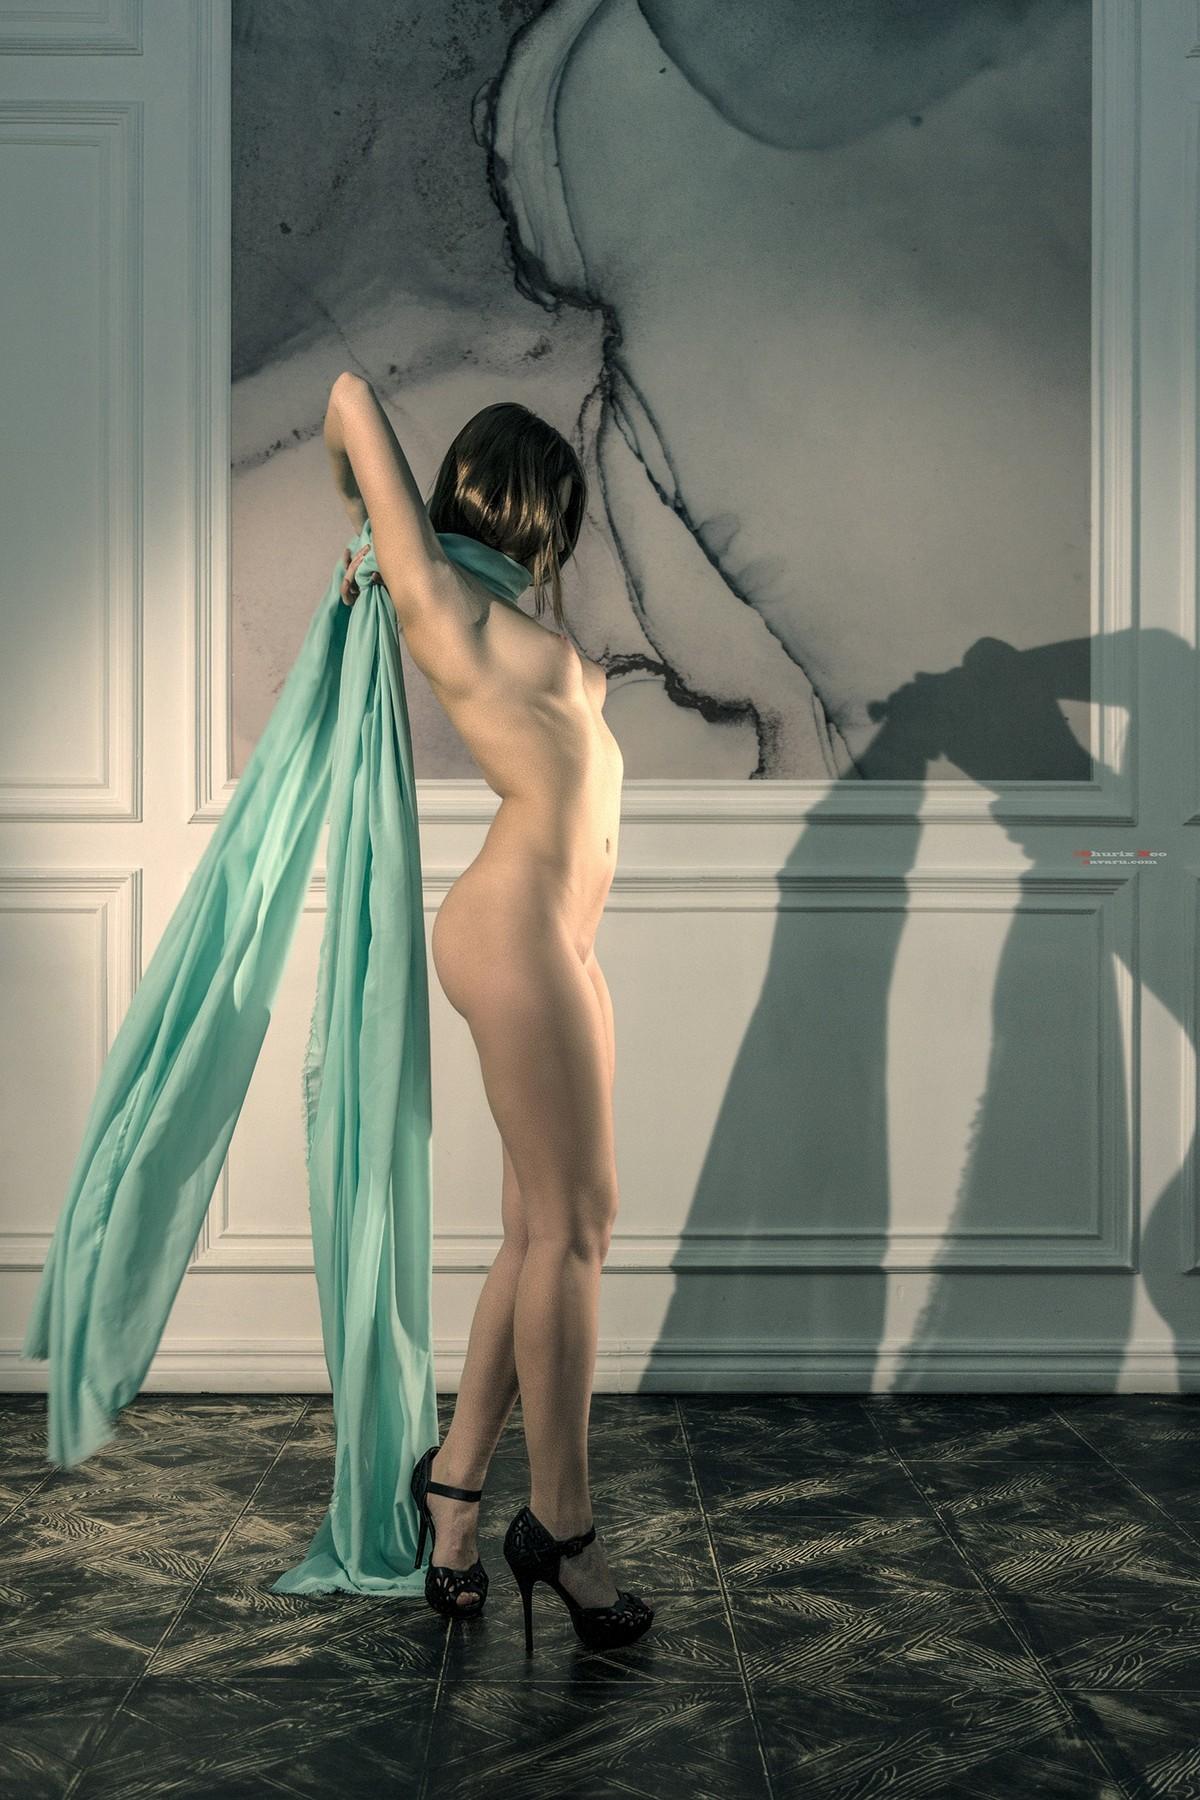 Снимки в жанре «Ню» Александра Заварухина фотография,чувственность